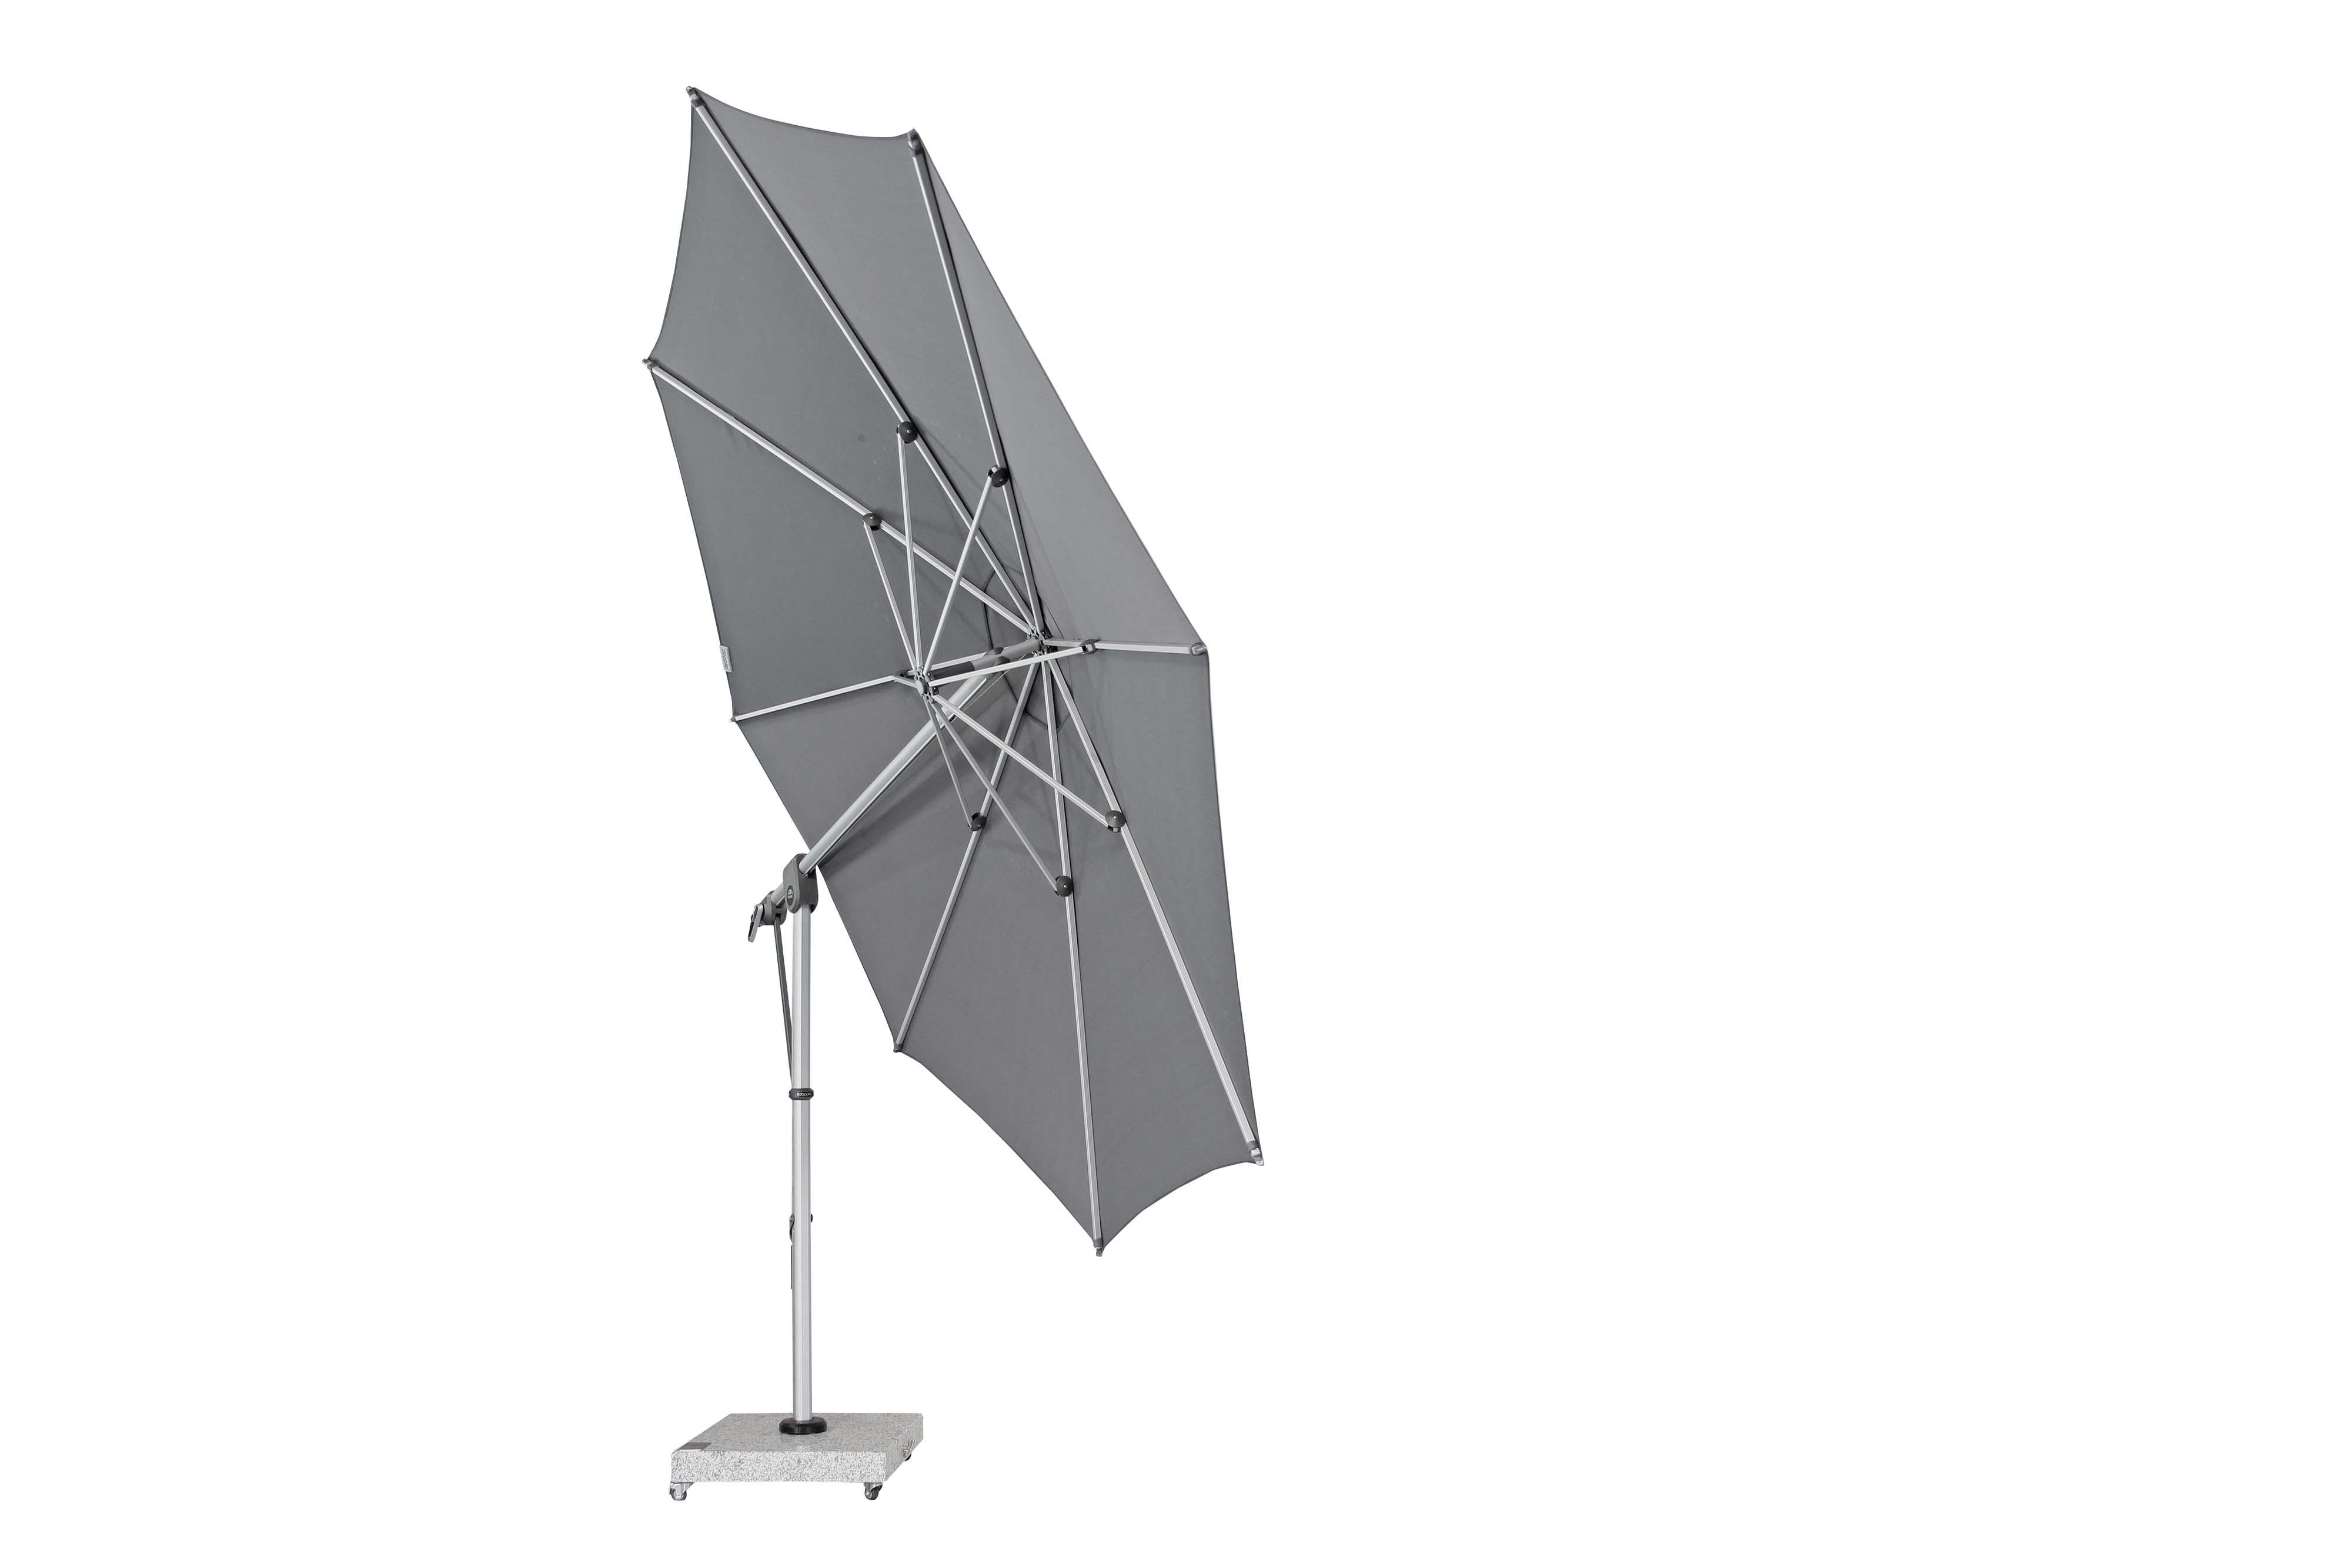 EXPERT 350P – zahradní výkyvný slunečník s boční tyčí, T840